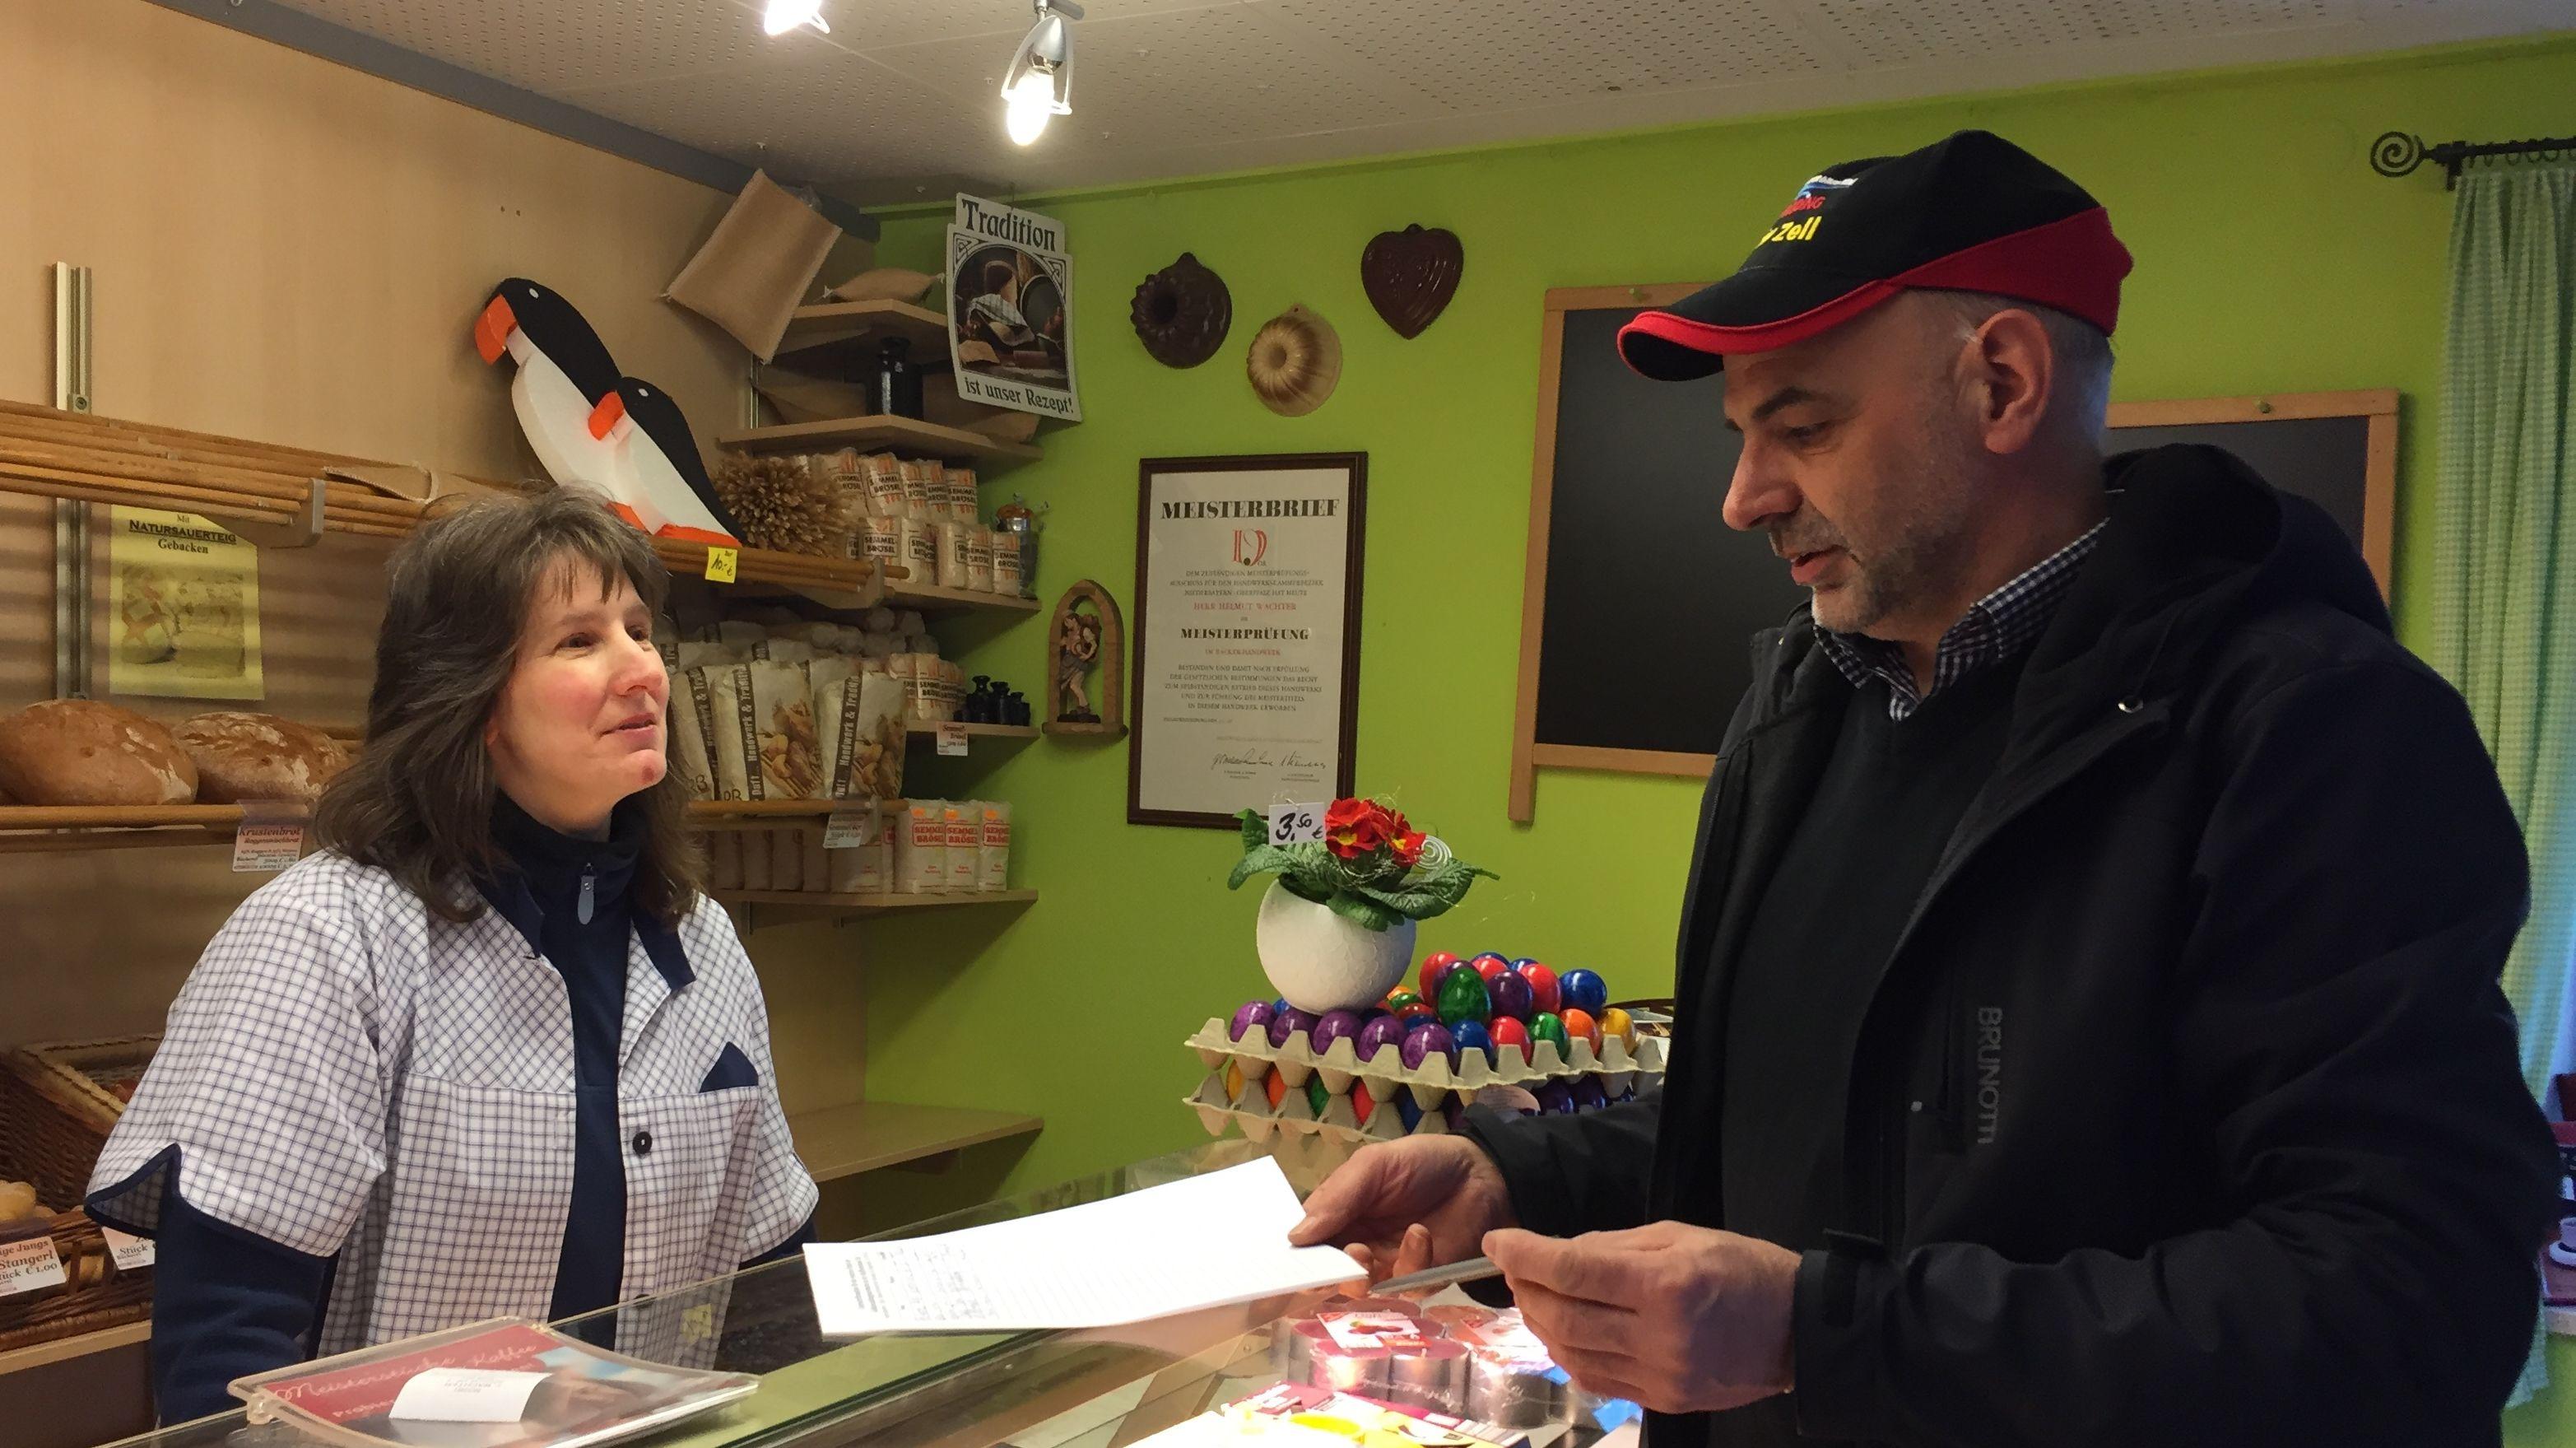 Der Bürgermeister von Zell, Thomas Schwarzfischer, hat eine Unterschriftenaktion gestartet, mit der er wenigstens den Geldautomaten retten will.